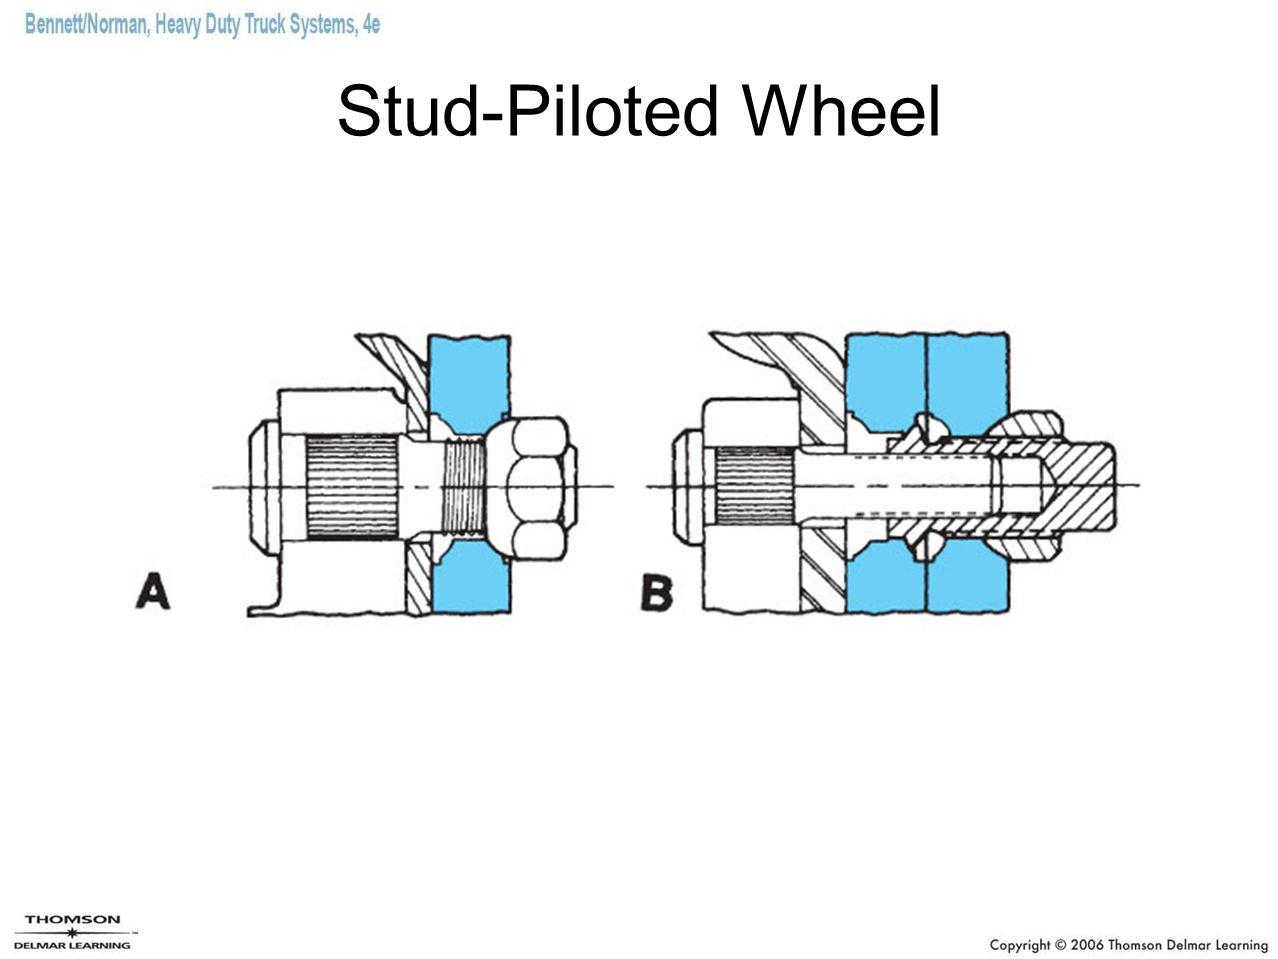 Stud-Piloted Wheel